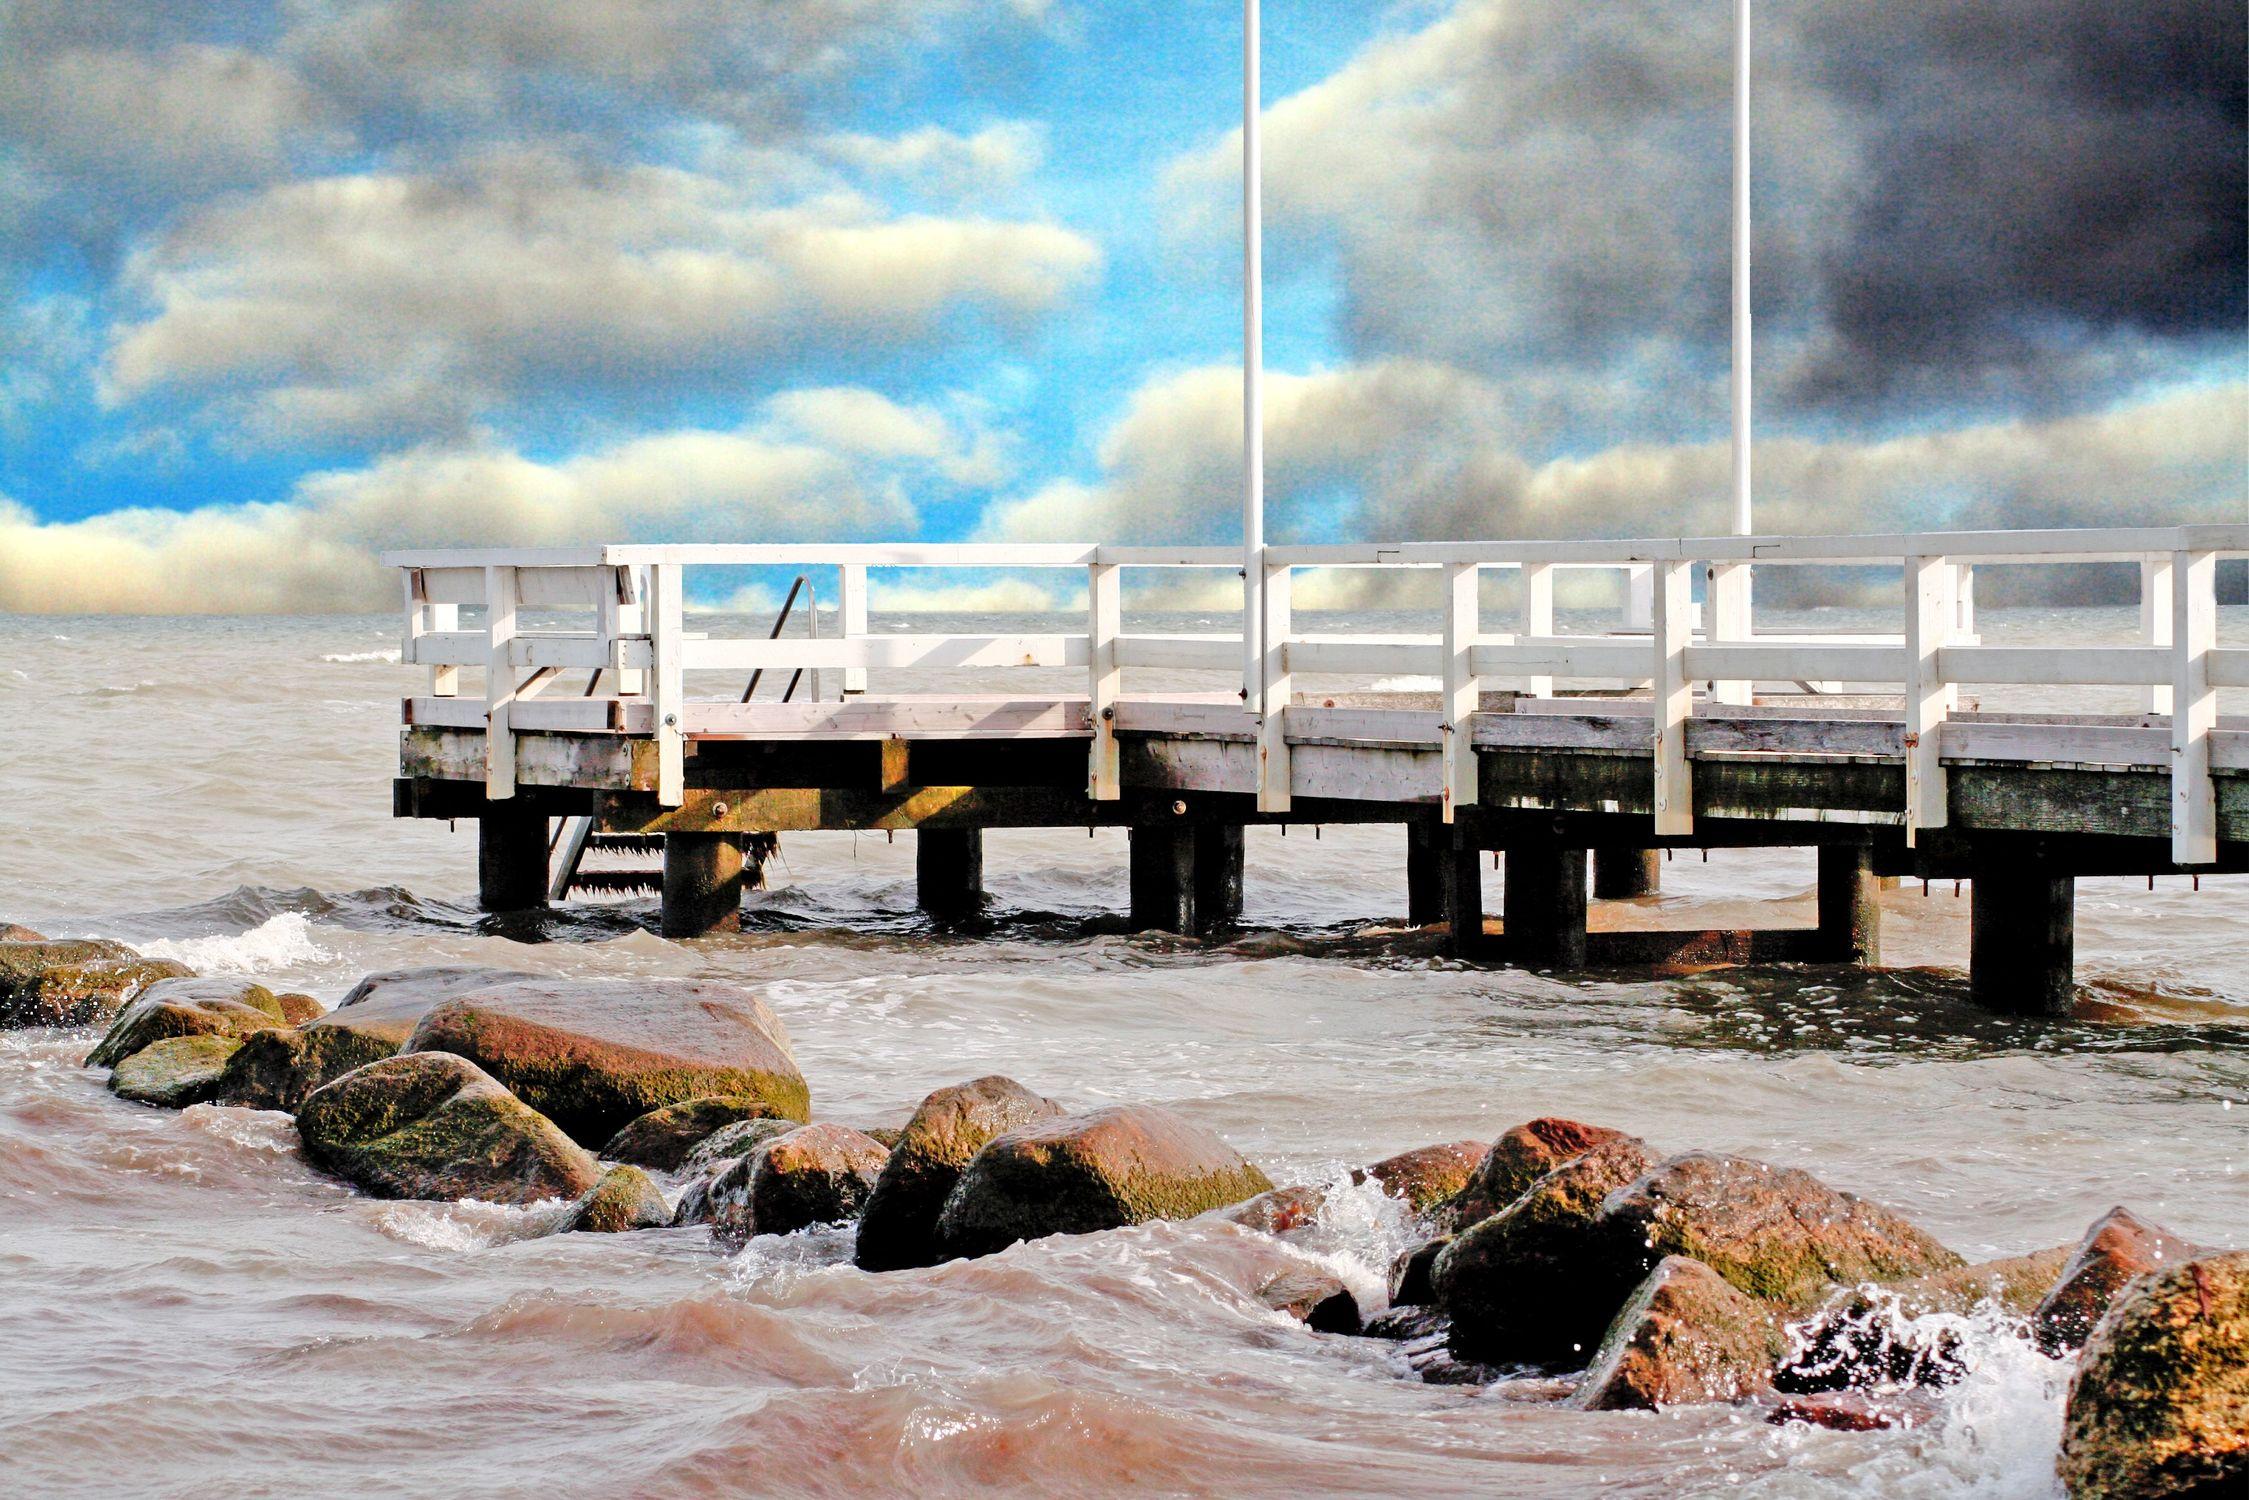 Bild mit Meere, Strände, Strand, Meer, Steg, ozean, Stege